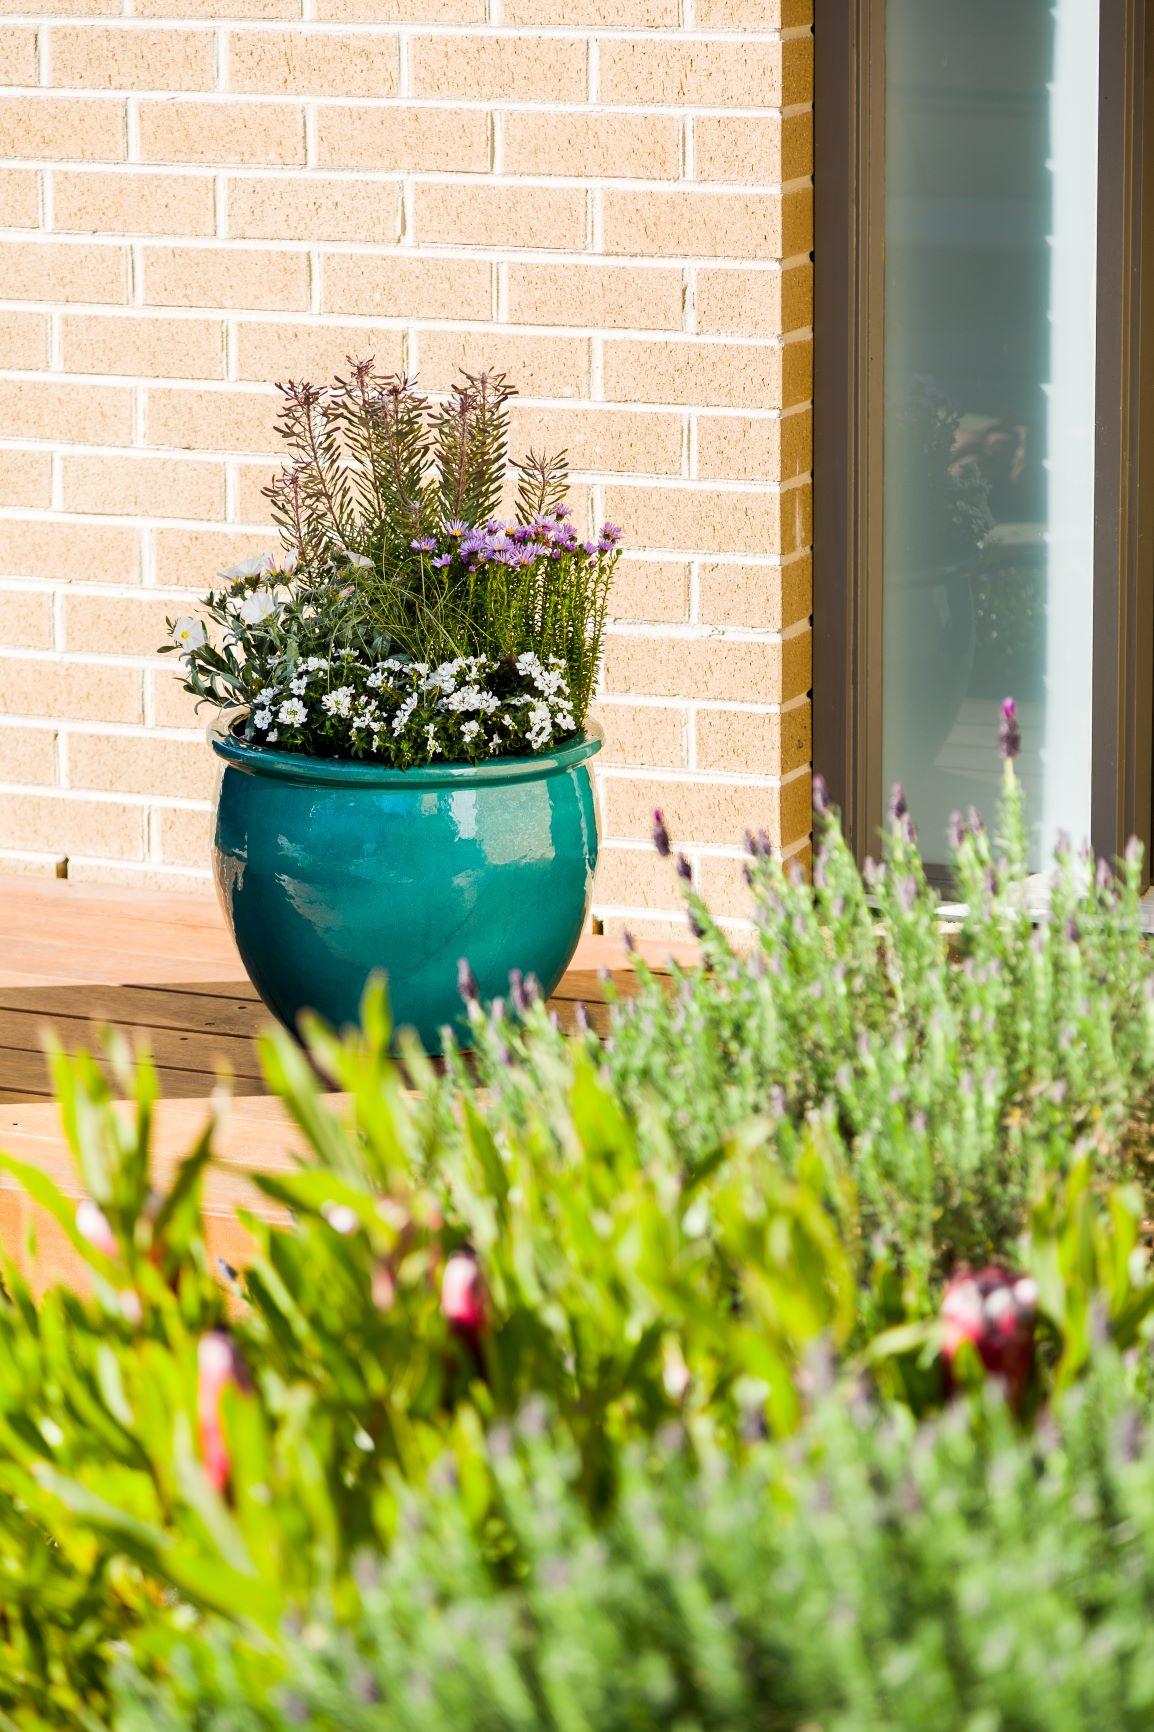 Tips to create a healthy green garden